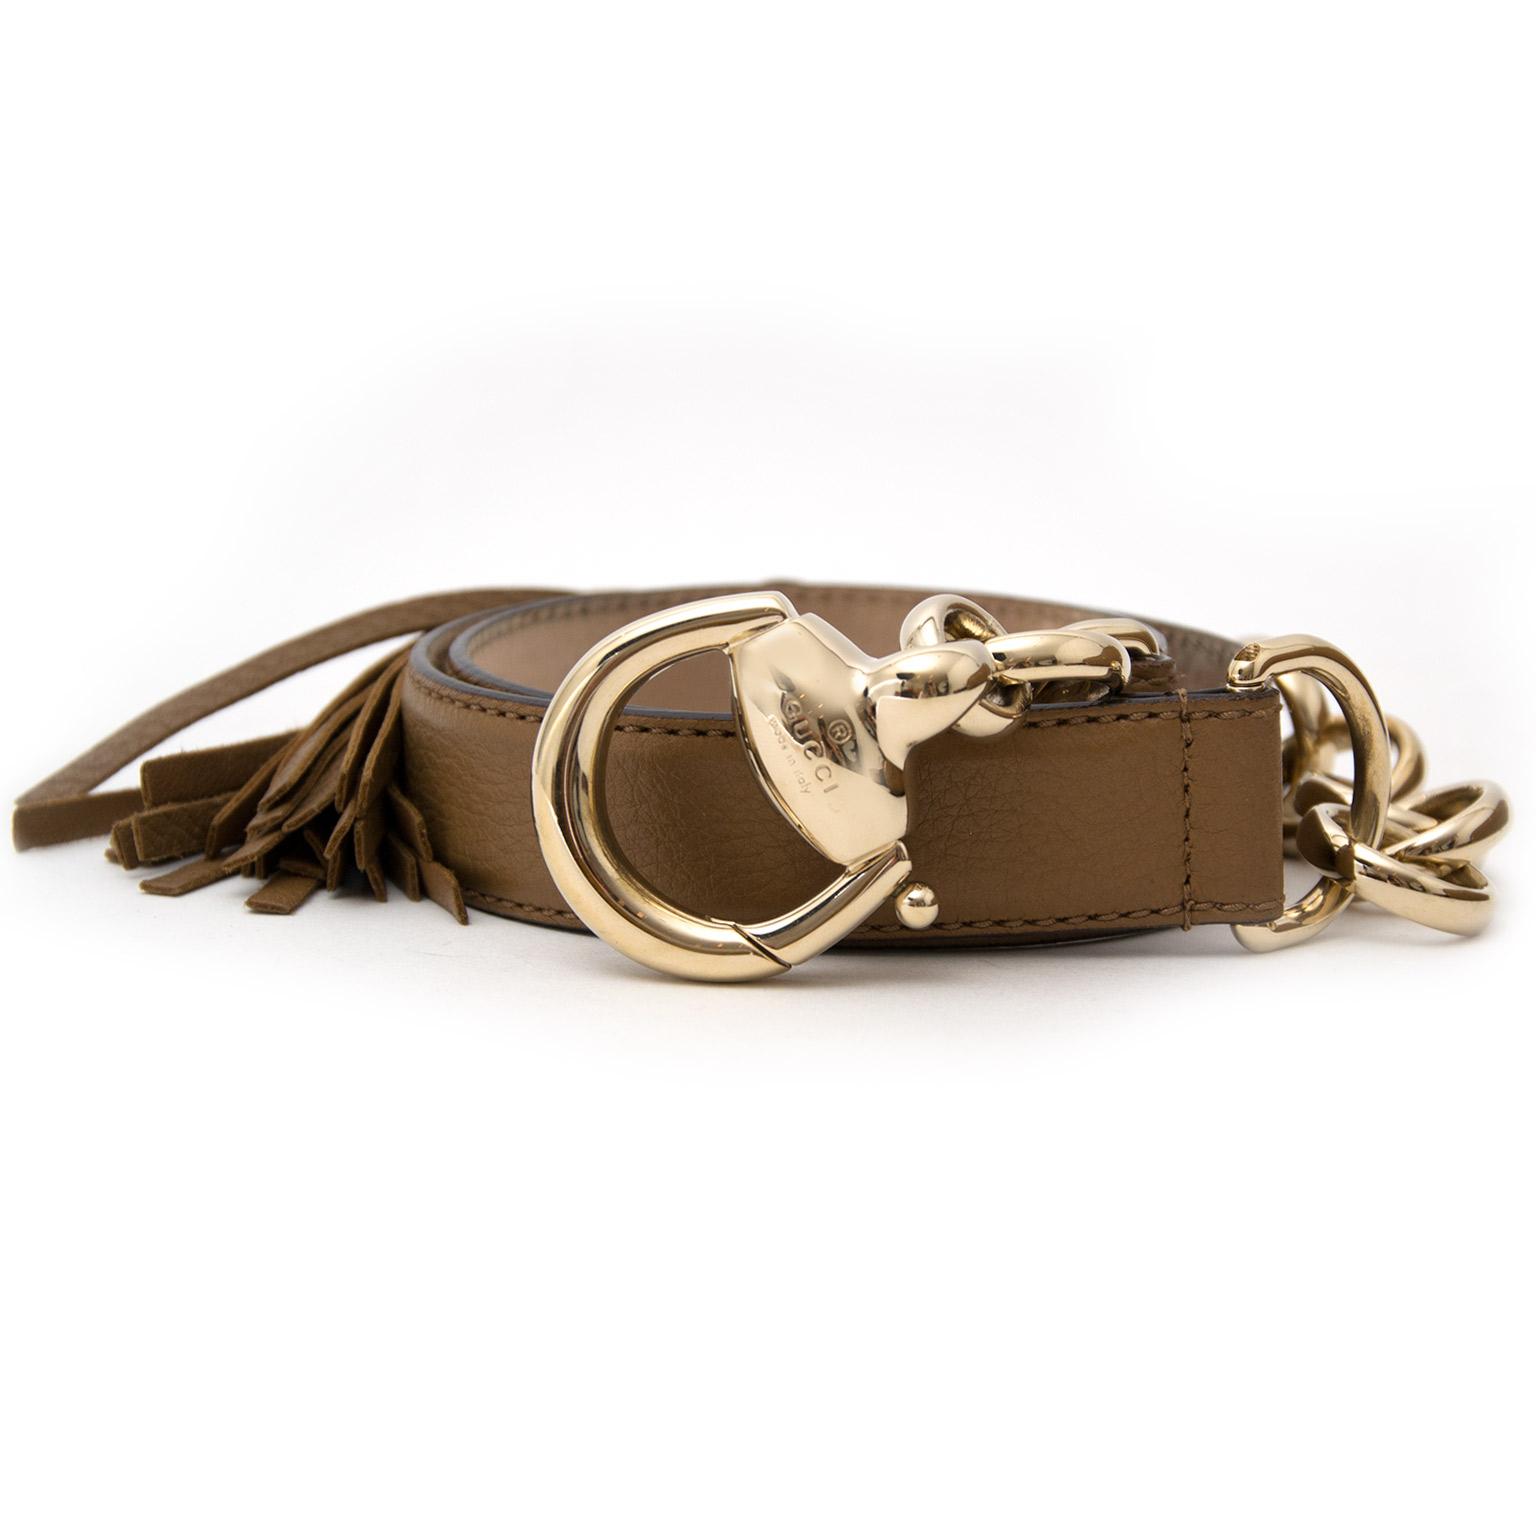 734fd69940a Acheter en ligne chez labellov.com pour le meuilleur prix Gucci Brown  Leather Bamboo Tassel Belt now online at labellov.com